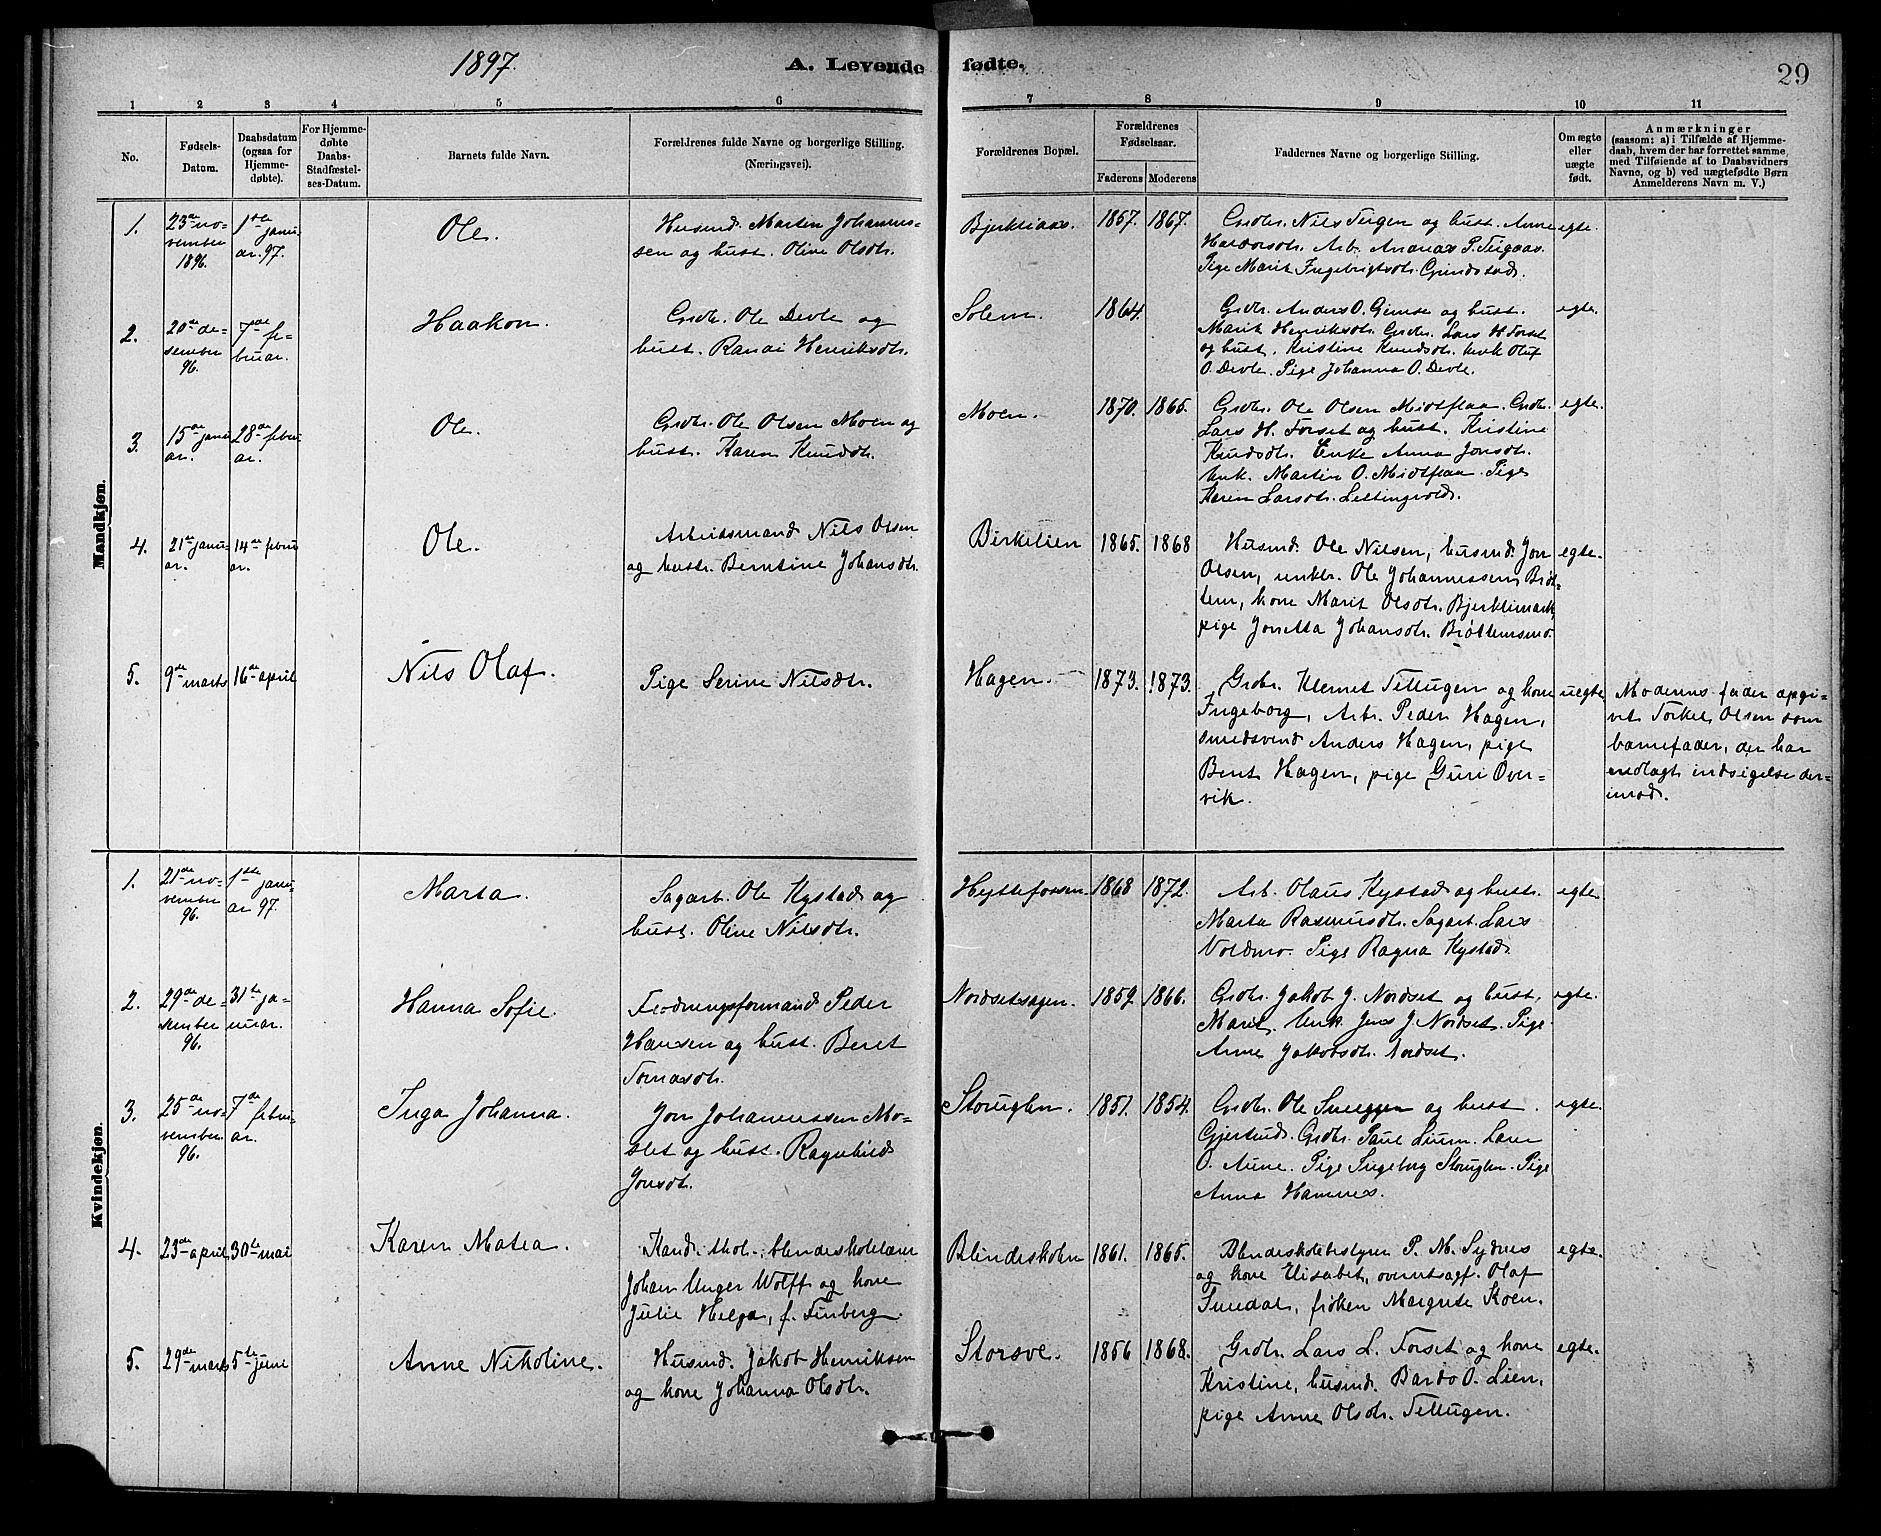 SAT, Ministerialprotokoller, klokkerbøker og fødselsregistre - Sør-Trøndelag, 618/L0452: Klokkerbok nr. 618C03, 1884-1906, s. 29